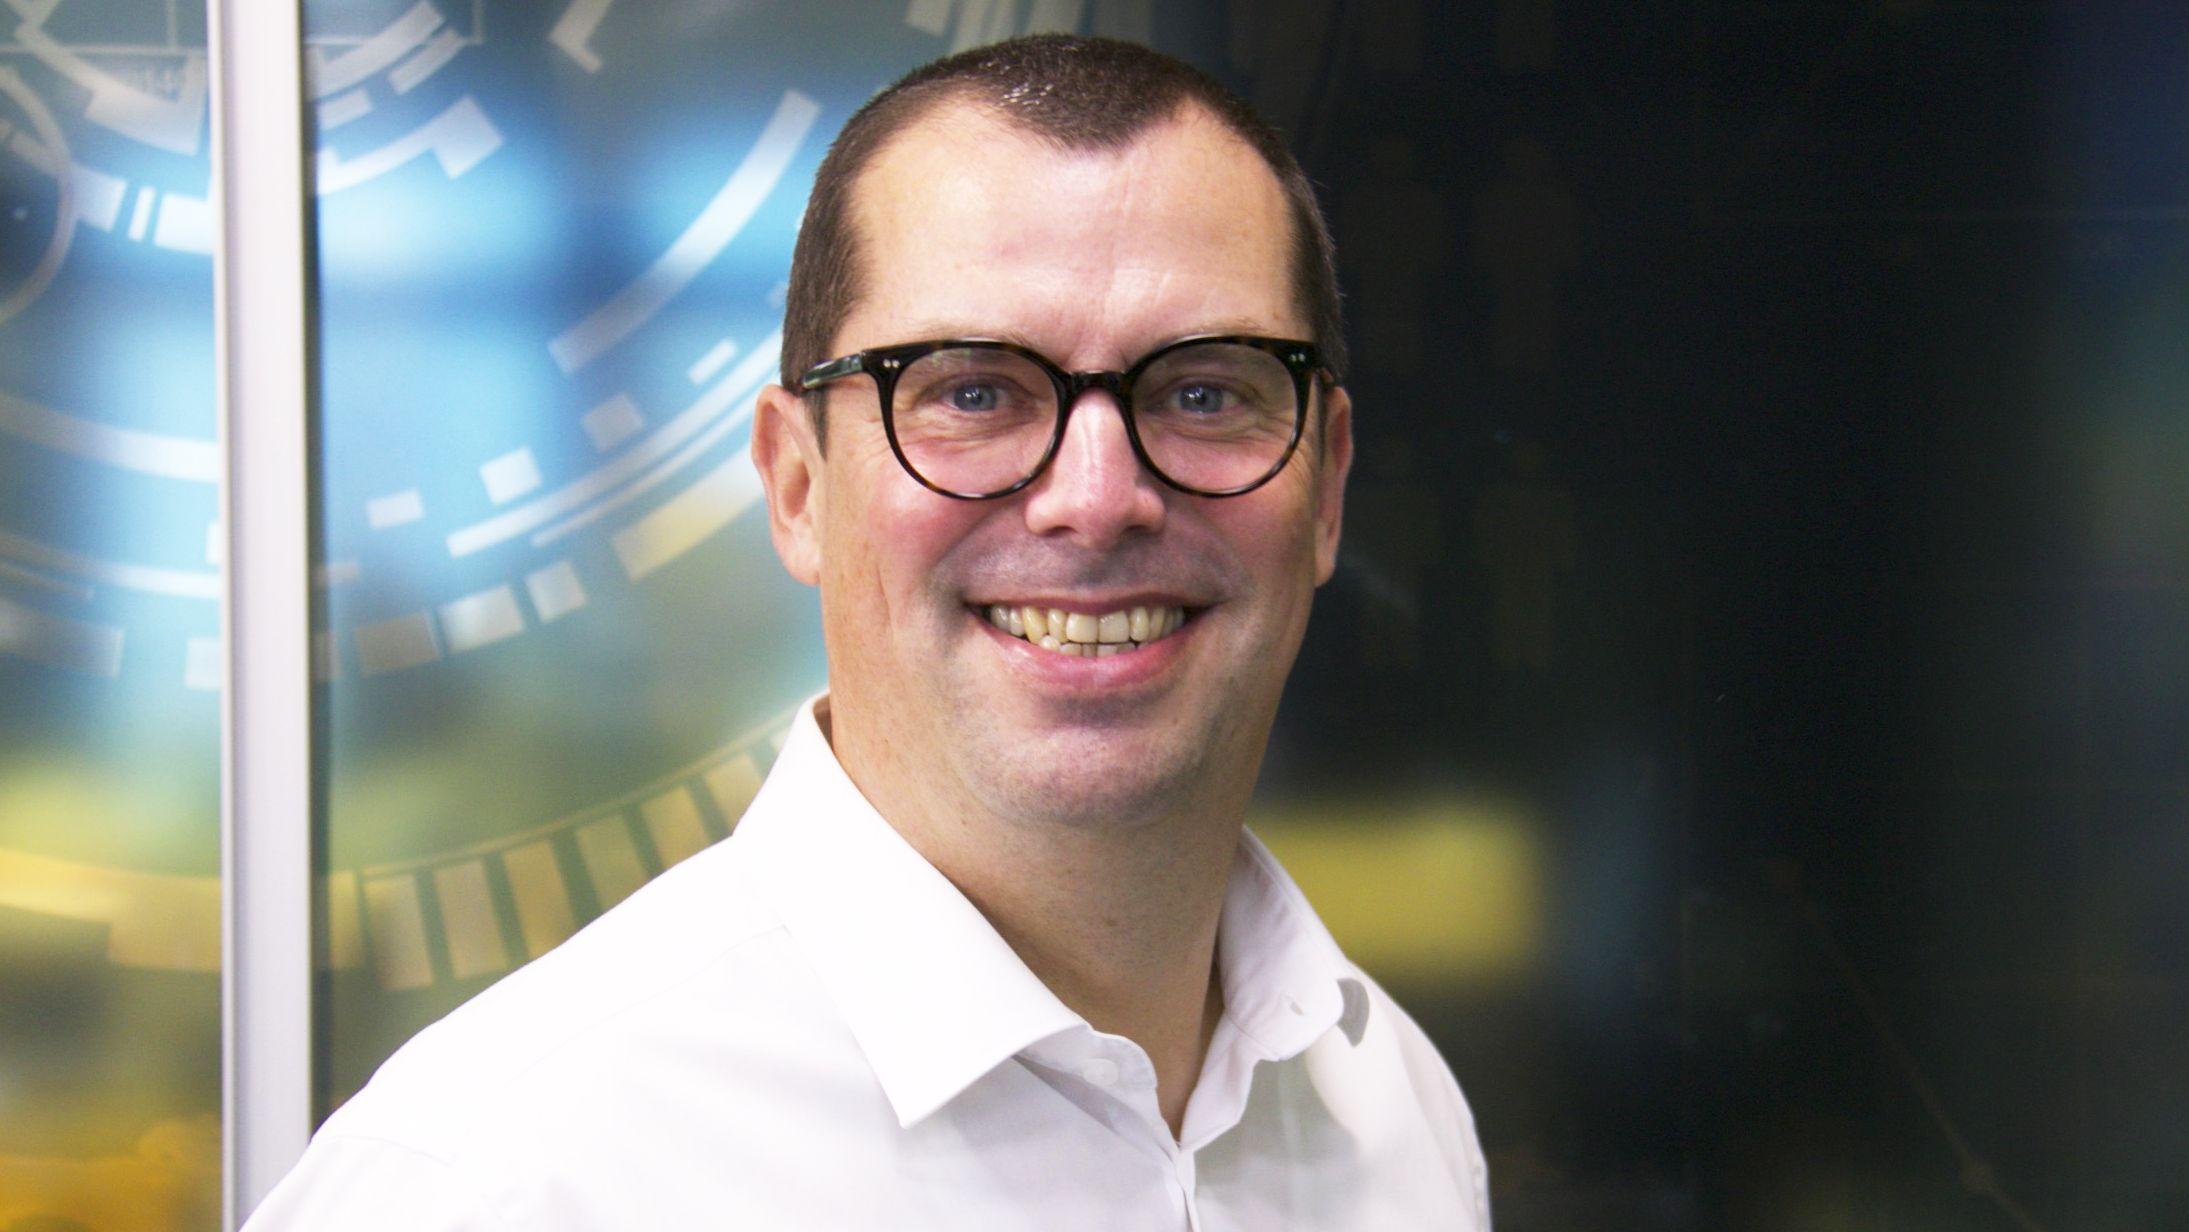 Direktbank statt Versicherung: Ergo-Marketer Stefan Fischer wechselt als Marketingchef zur Comdirect